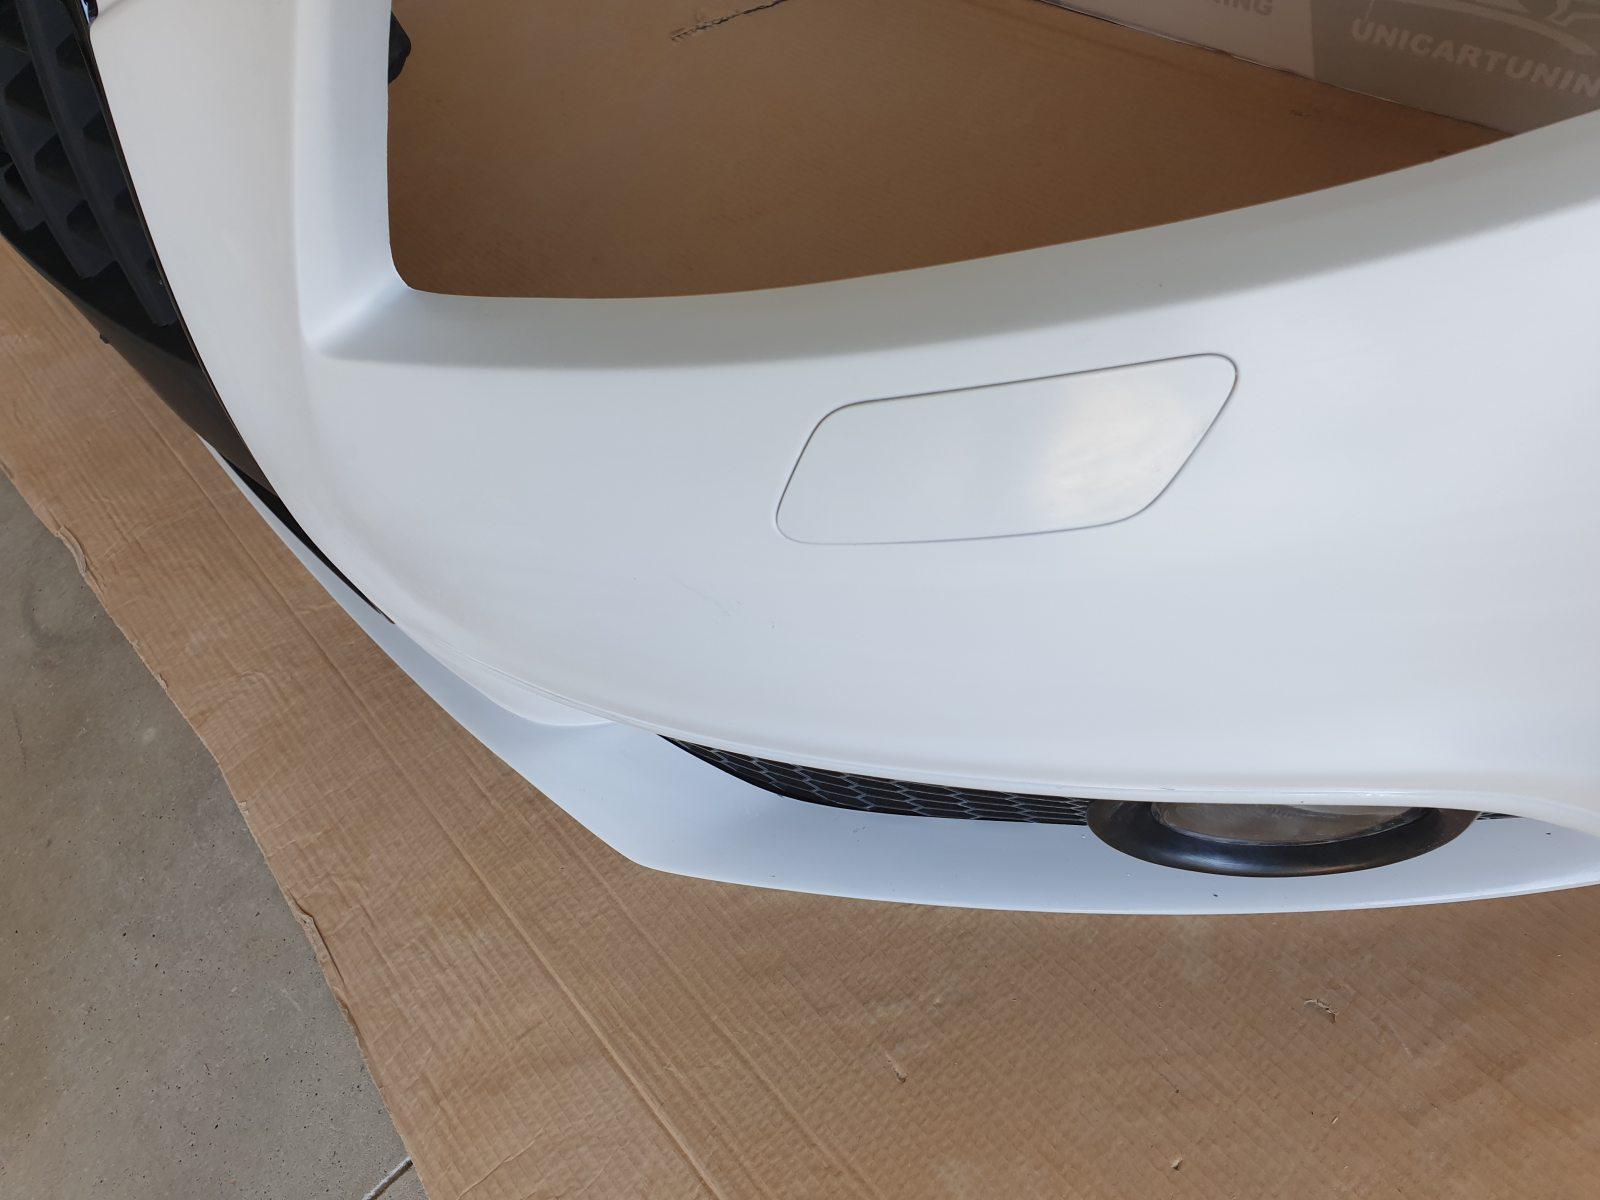 Audi-A3-8P3-08-12-Para-choques-Frente-RS3-v2.0-Fibra-18